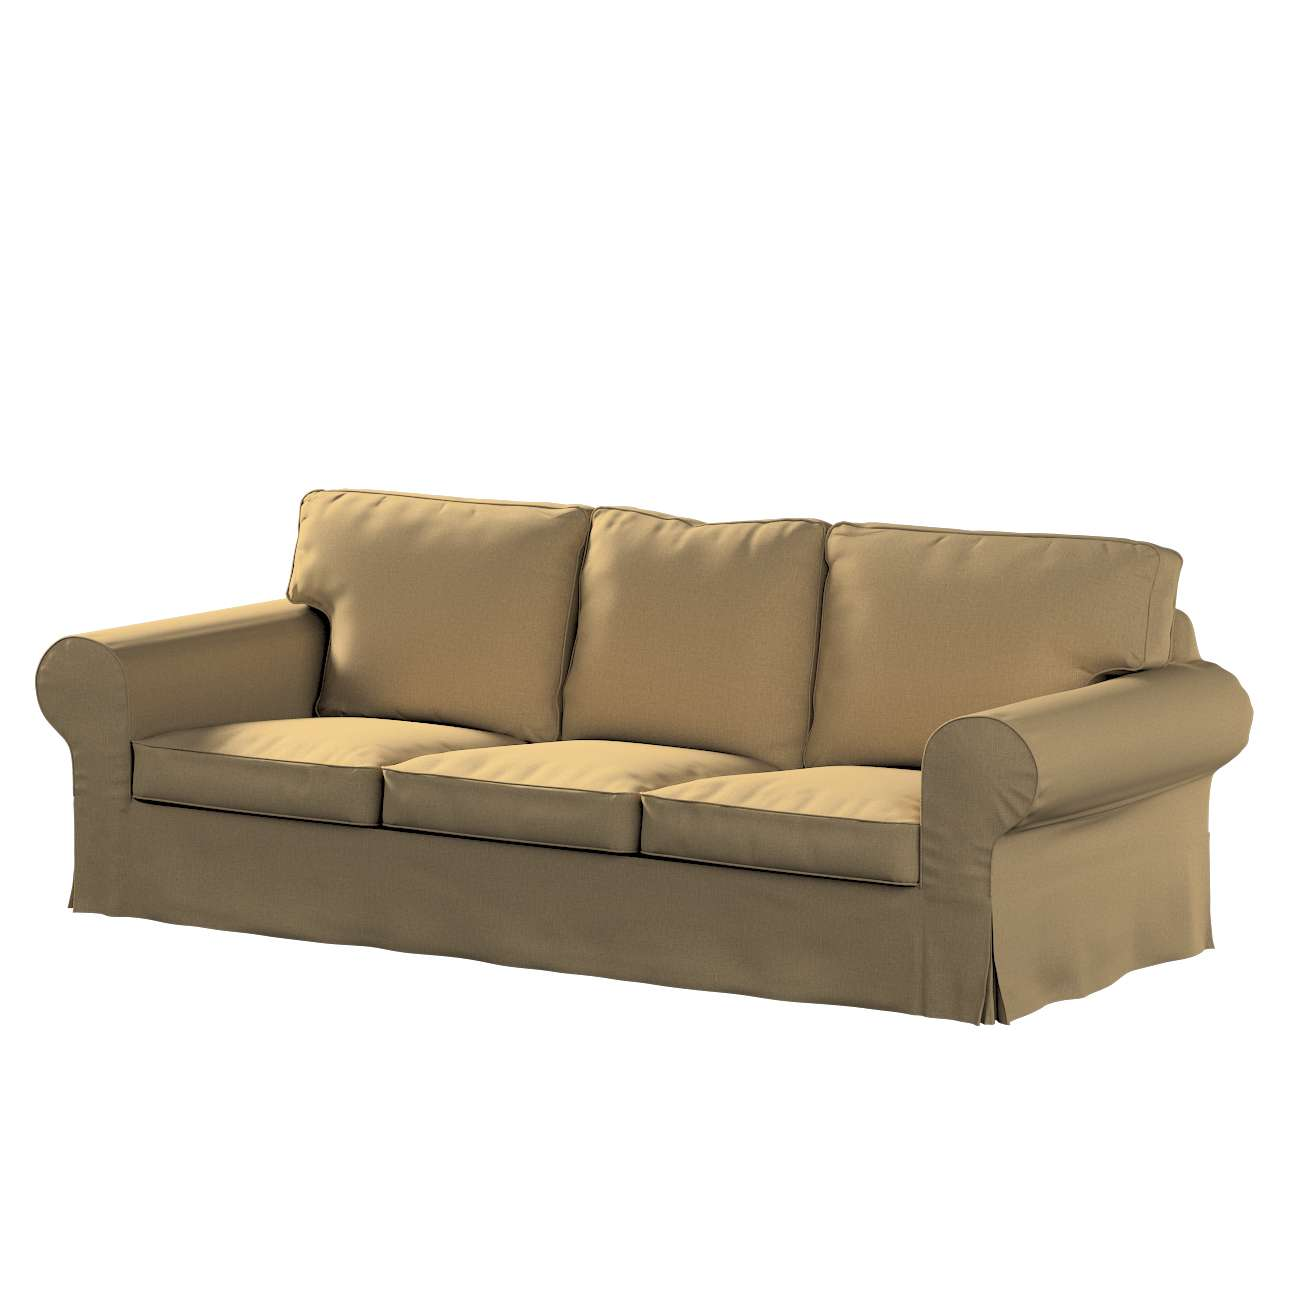 Pokrowiec na sofę Ektorp 3-osobową, rozkładaną w kolekcji Living, tkanina: 161-50